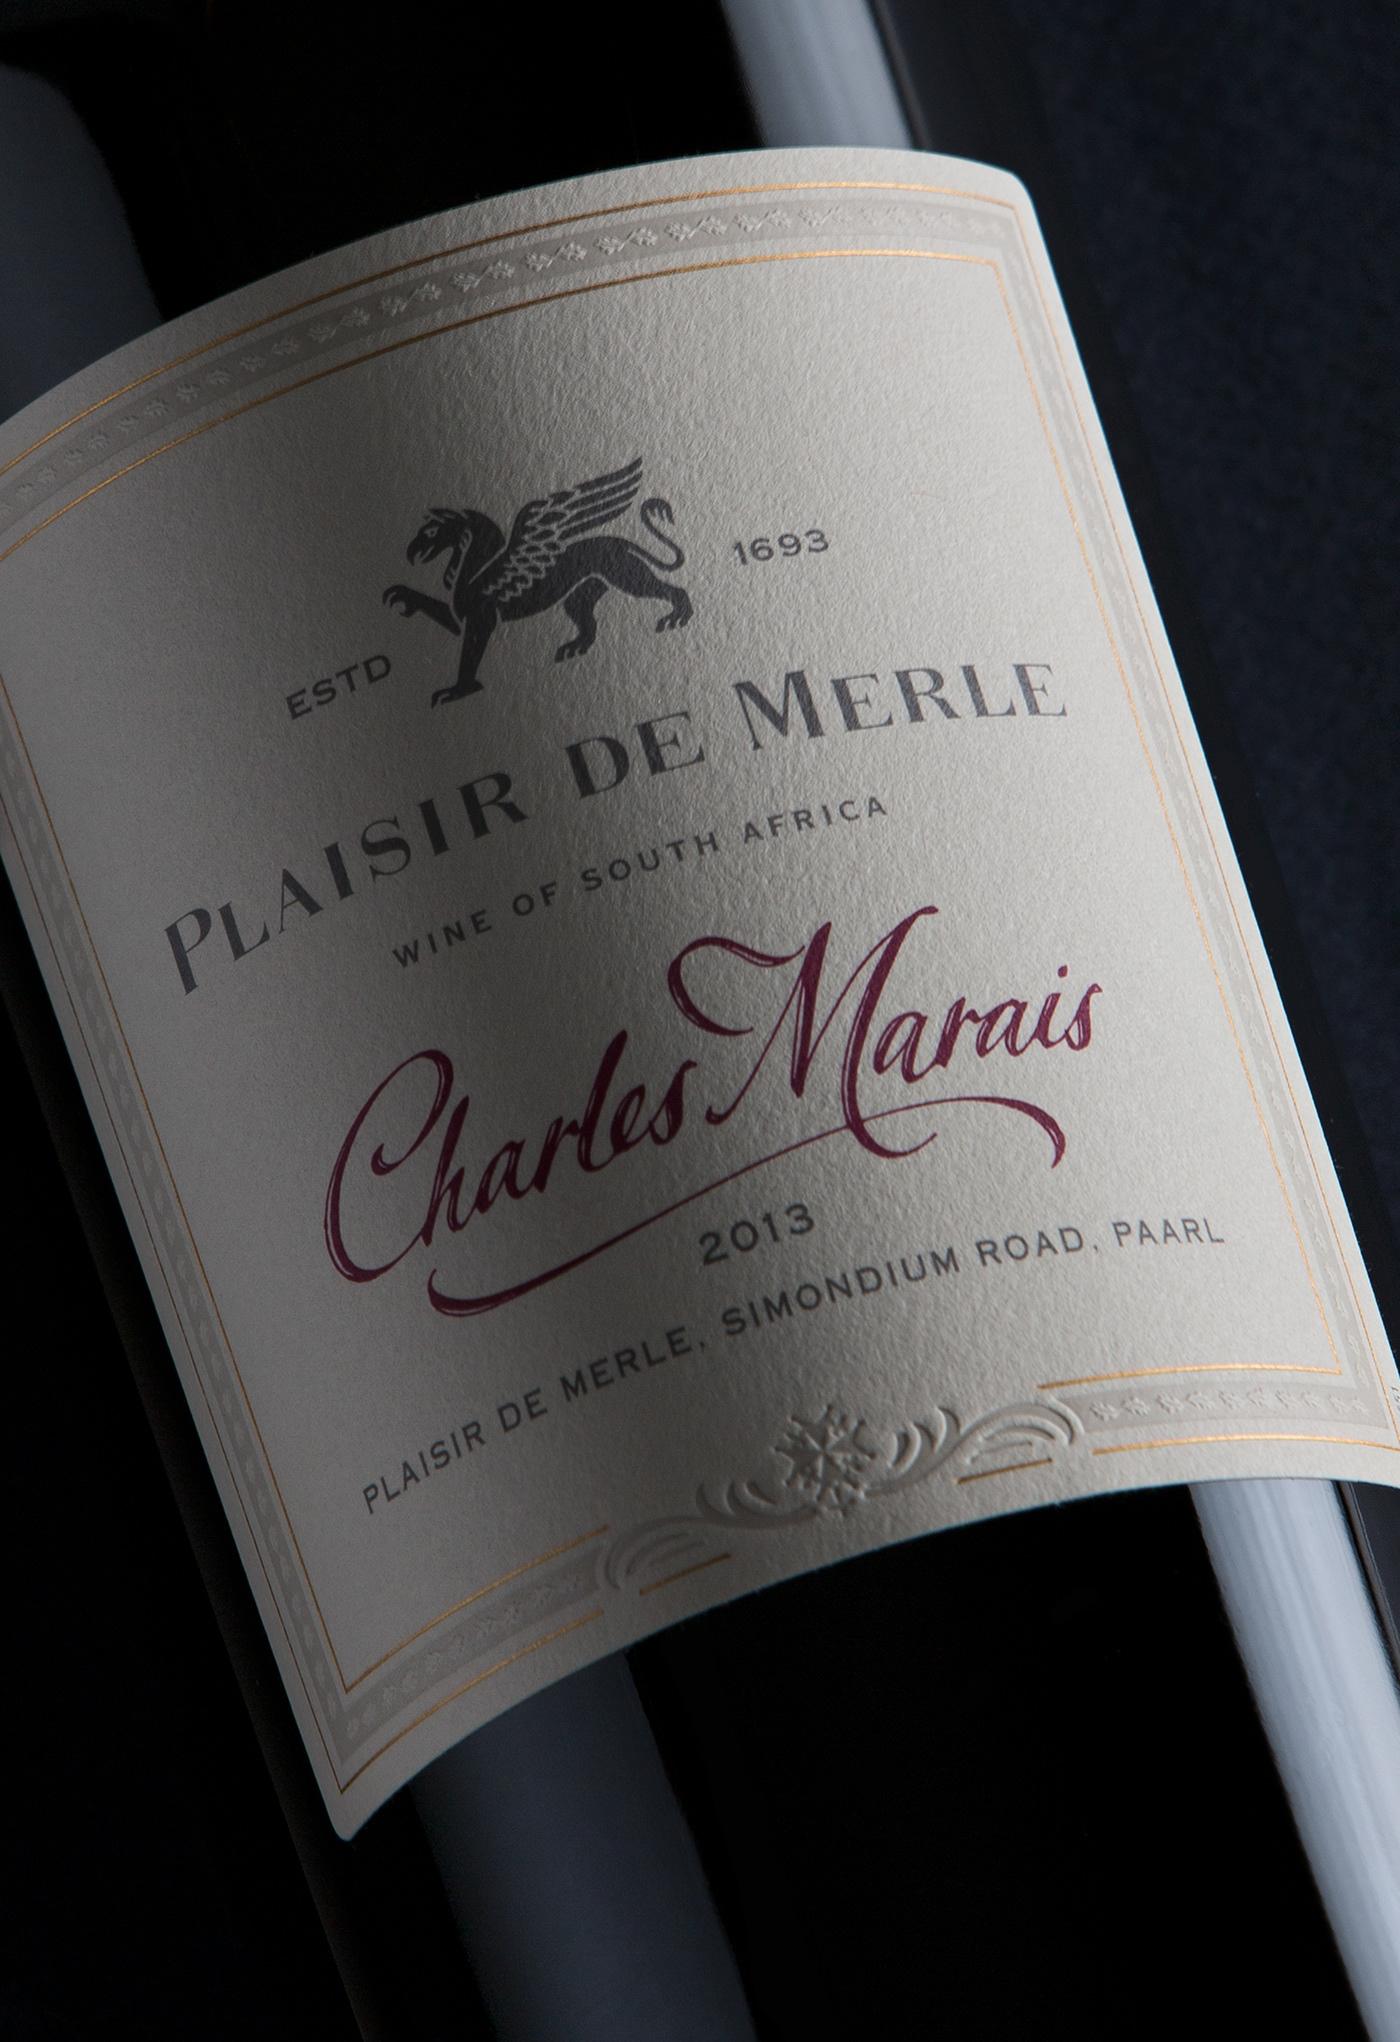 Just Design - Plaisir de Merle Charles Marais4.jpg